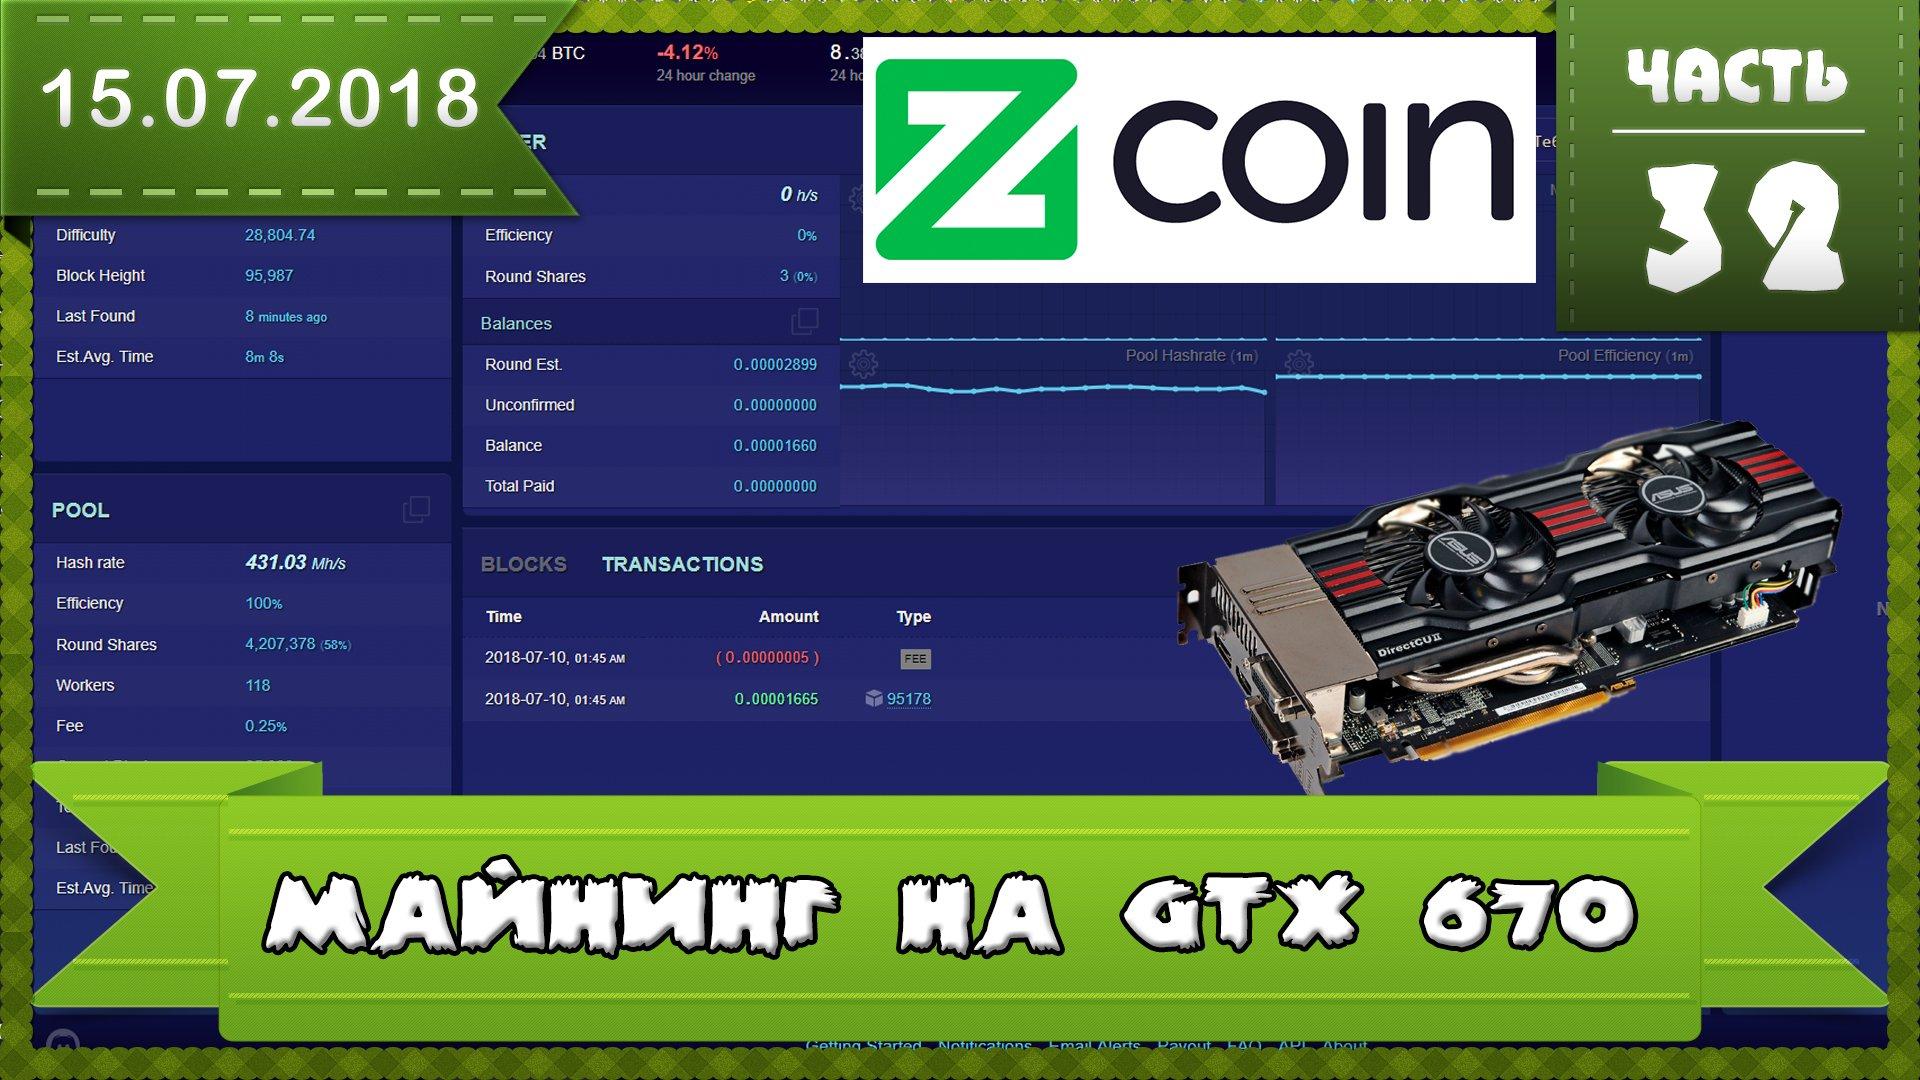 Майнинг на GTX 670, ZCOIN